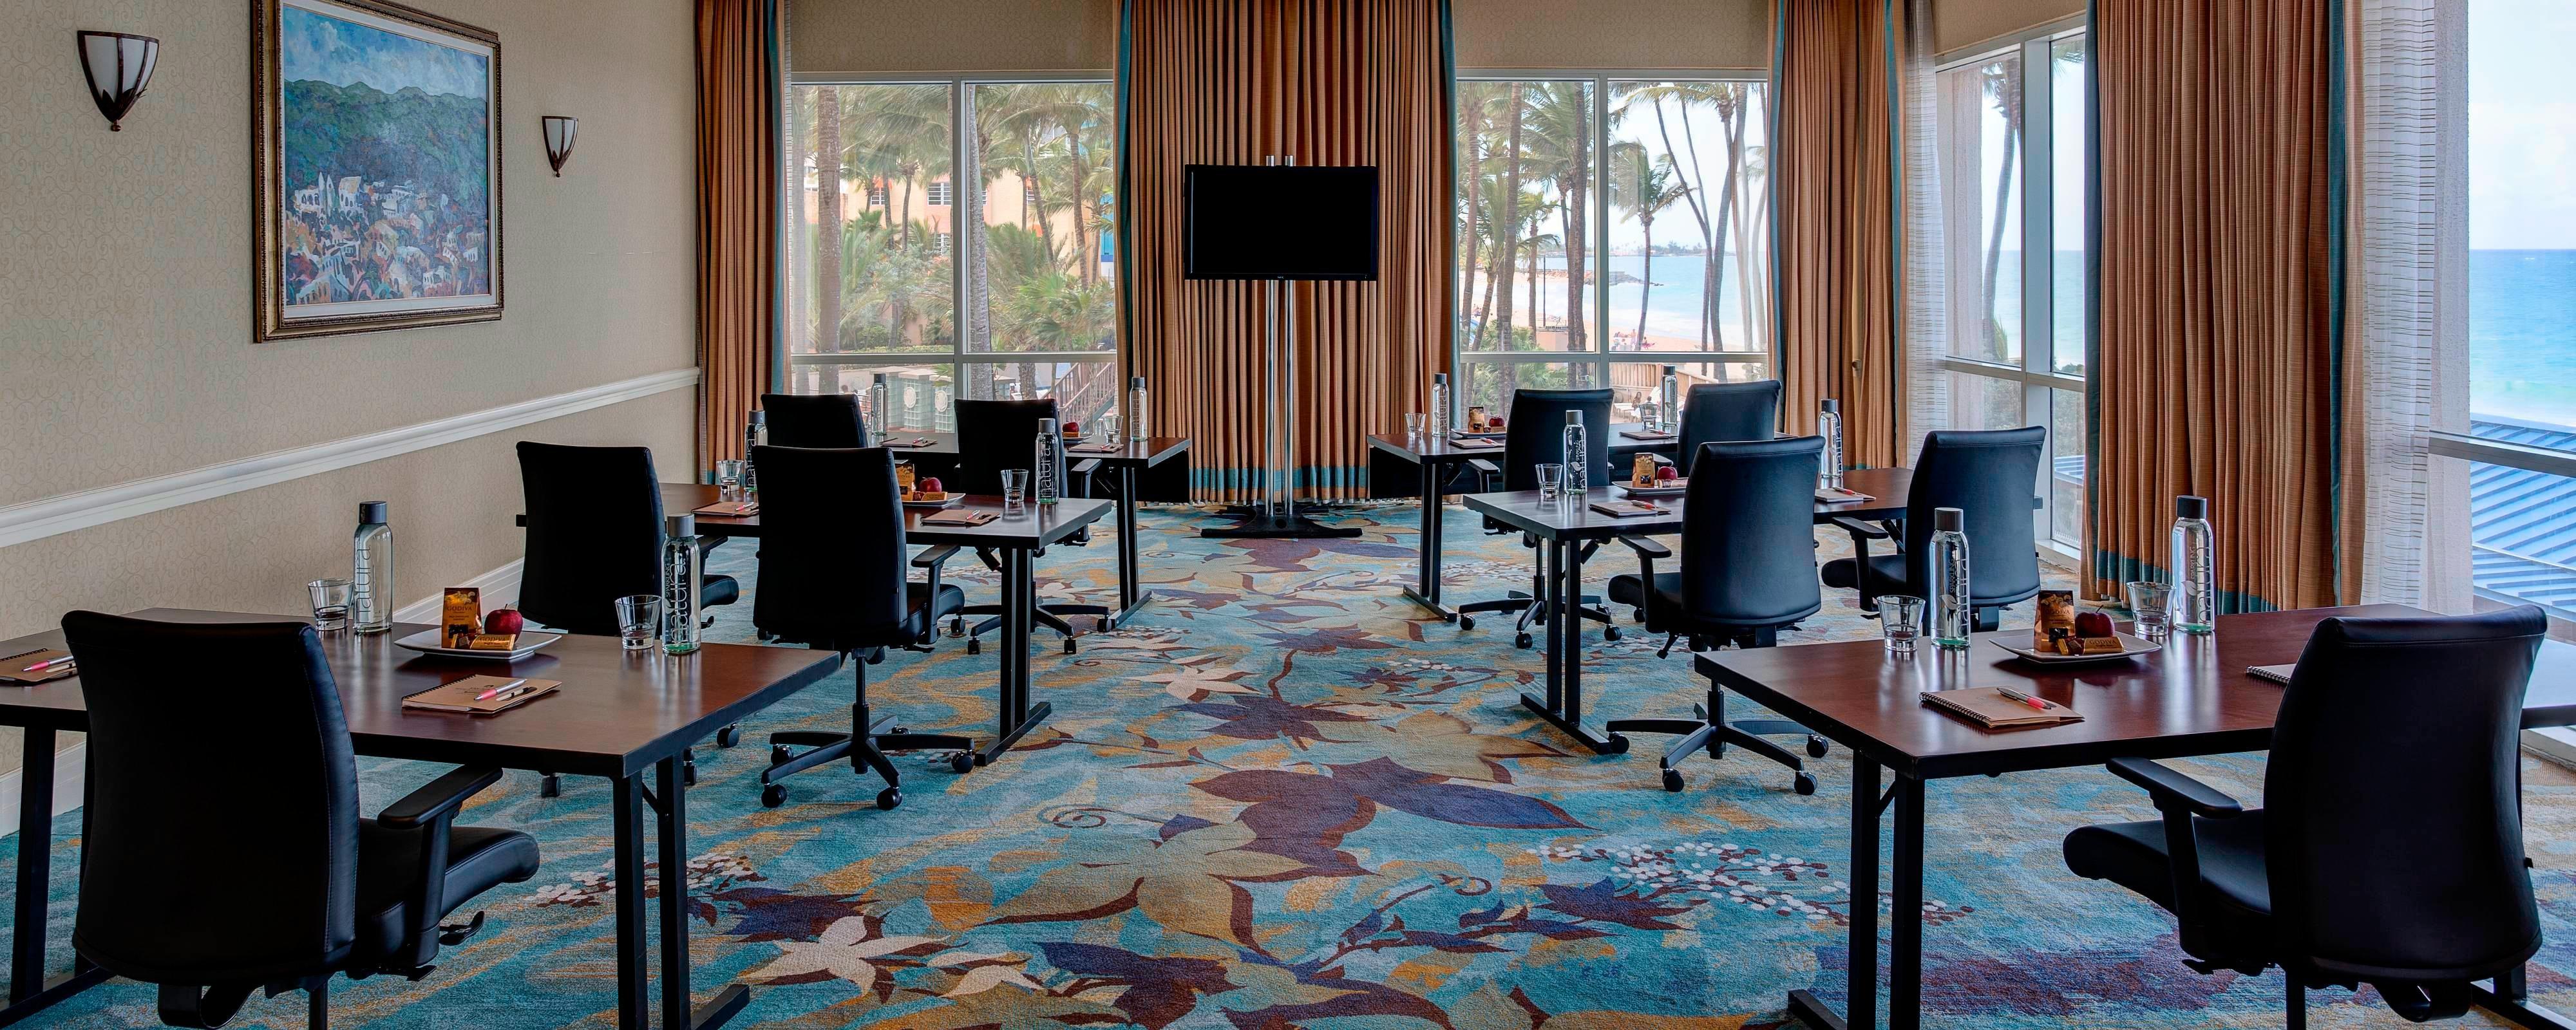 Hotels near San Juan Convention Center | San Juan Marriott